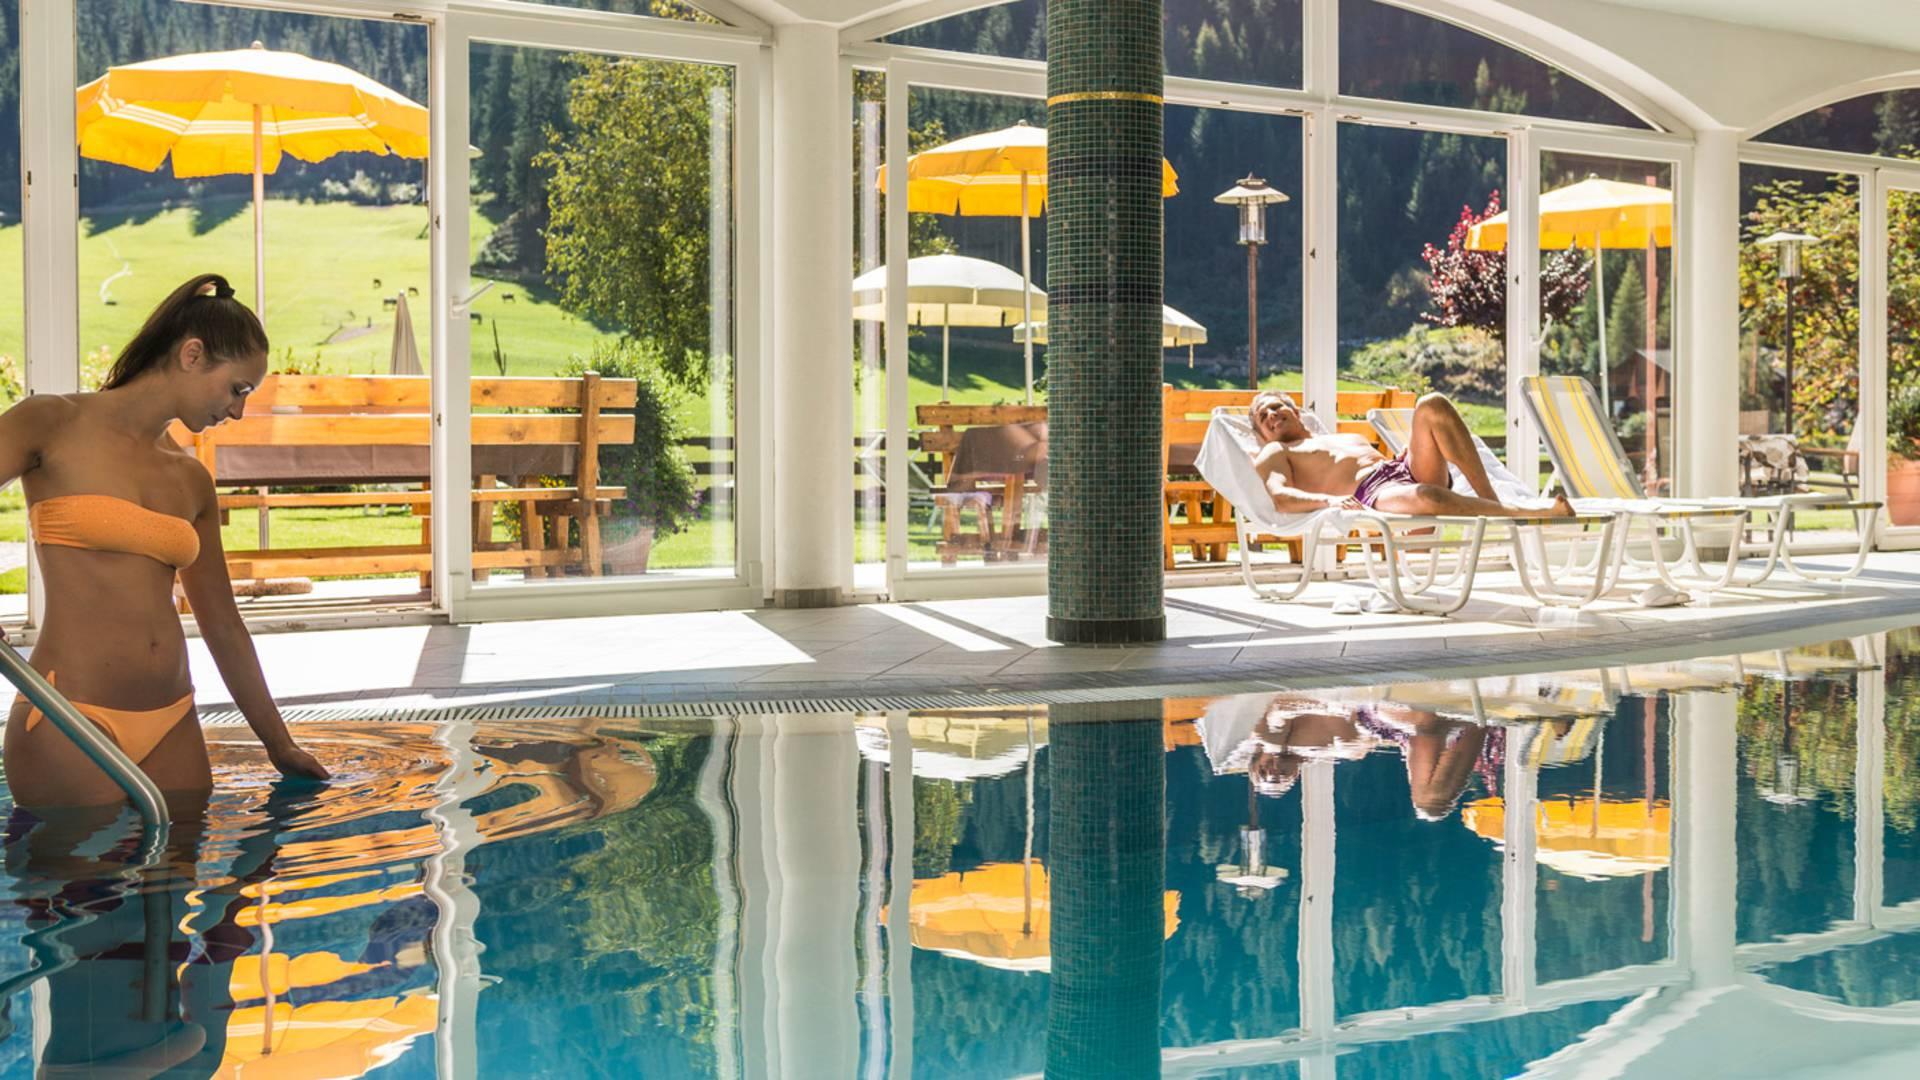 Un hotel con piscina coperta offre vero relax for Piani lussuosi con piscina coperta